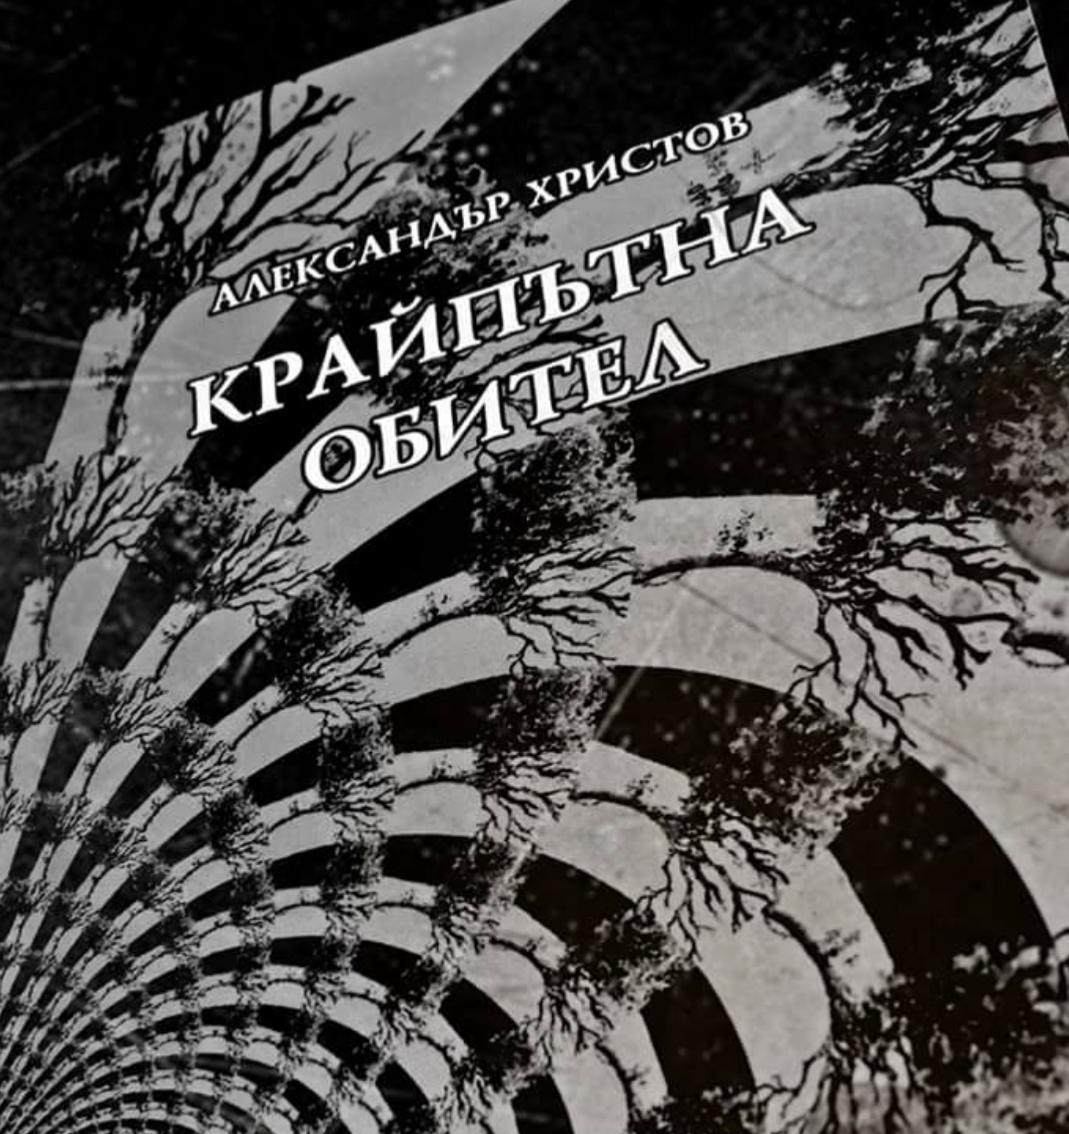 """Нели Кирилова за """"Крайпътна обител"""" на Александър Христов"""